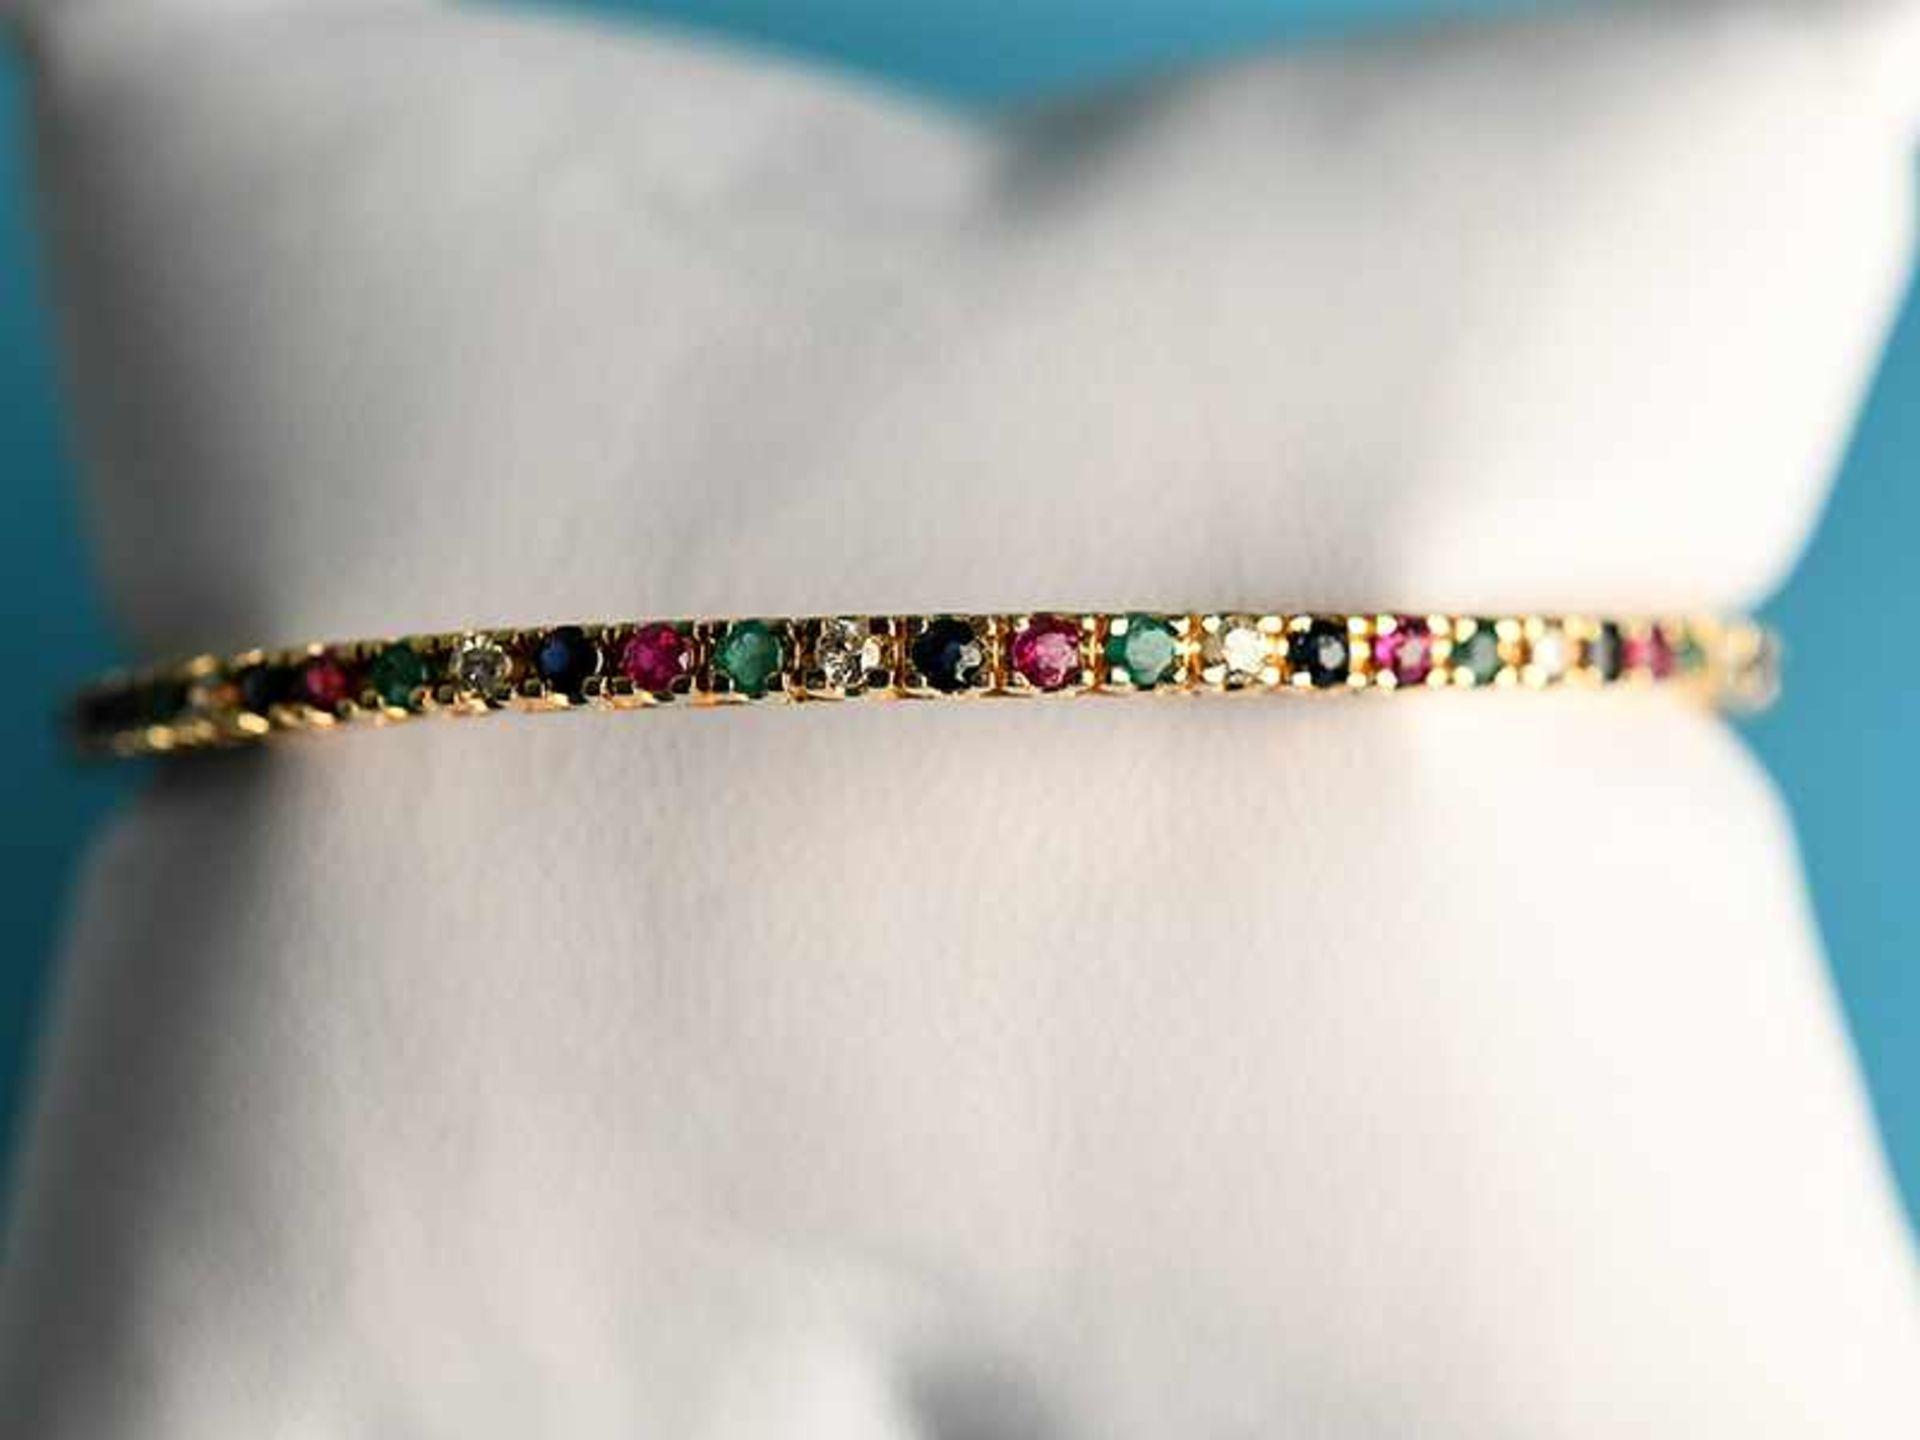 Armreifen mit Rubin, Saphir, Smaragd und Brillanten, zusammen ca. 0,3 ct, 20. Jh. 585/- Gelbgold. - Bild 2 aus 2